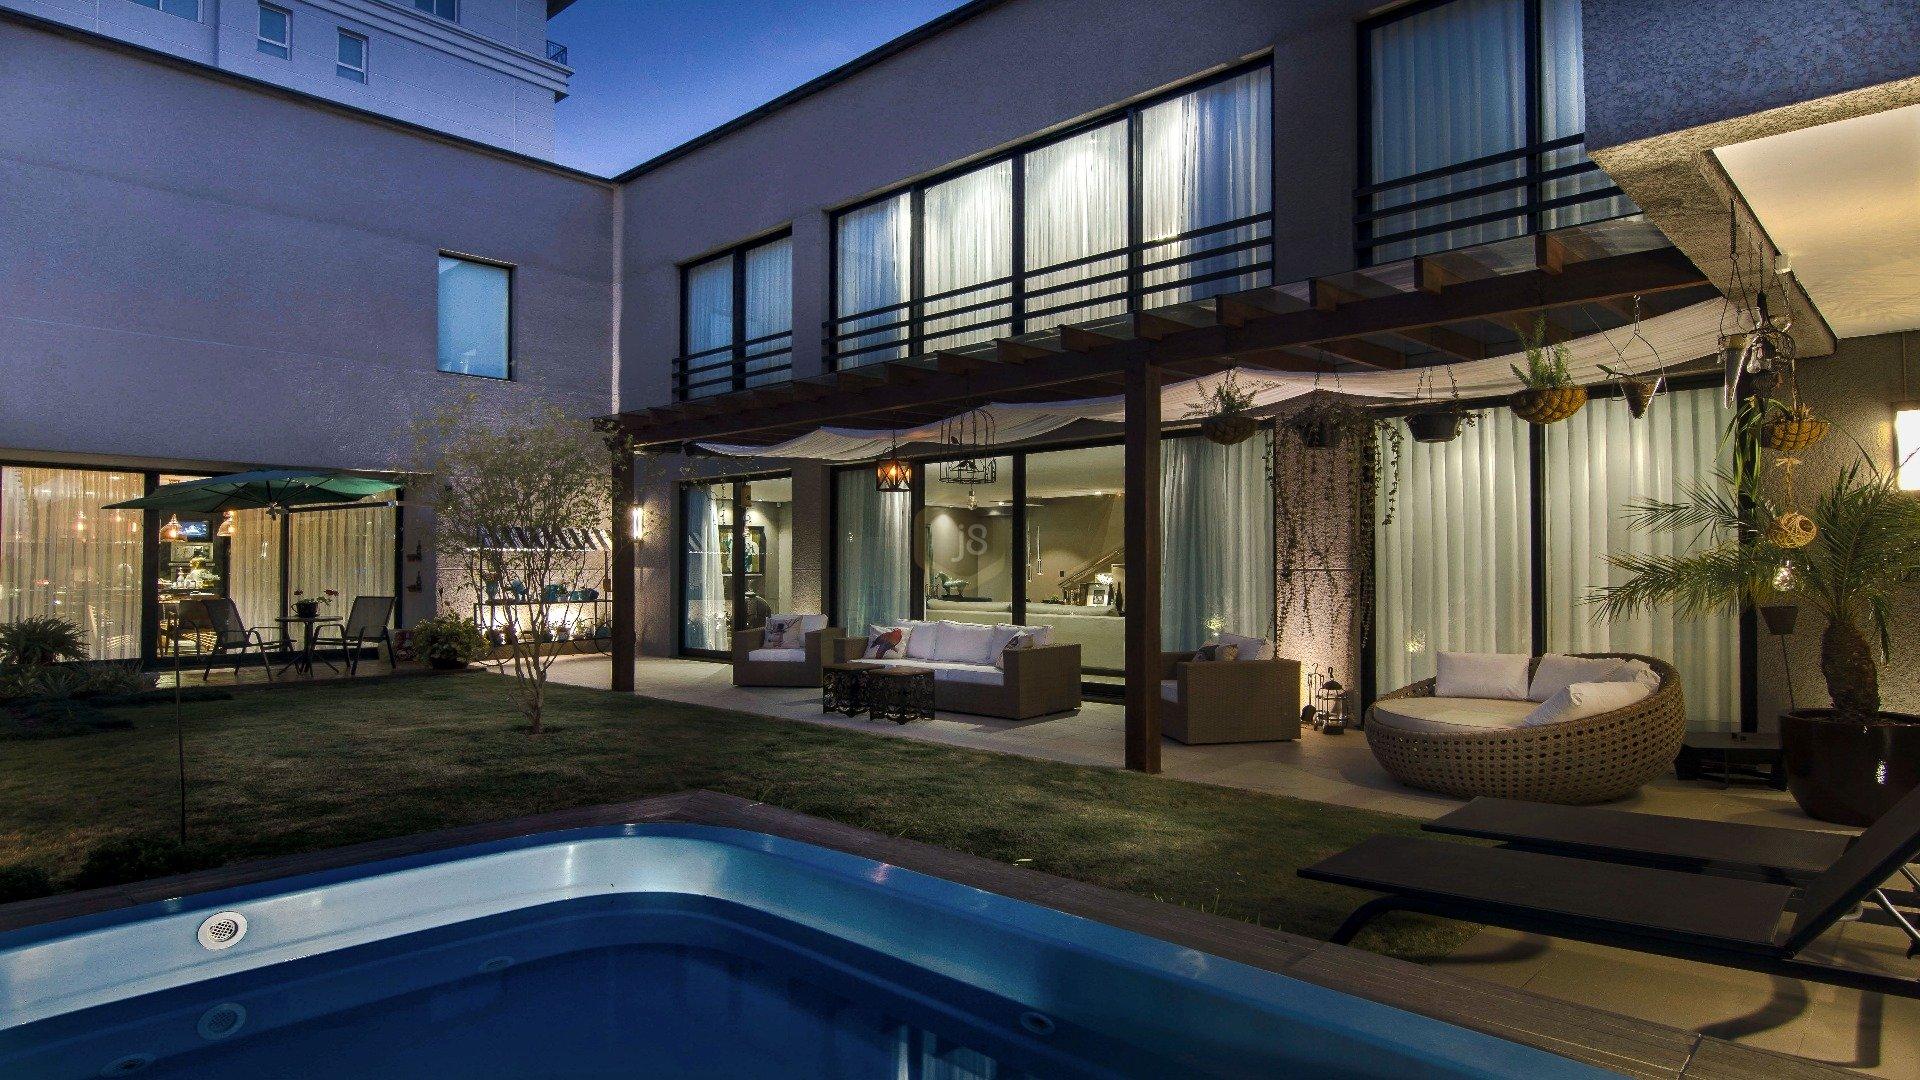 Foto de destaque Casa no condomínio ville annecy no bairro campo comprido